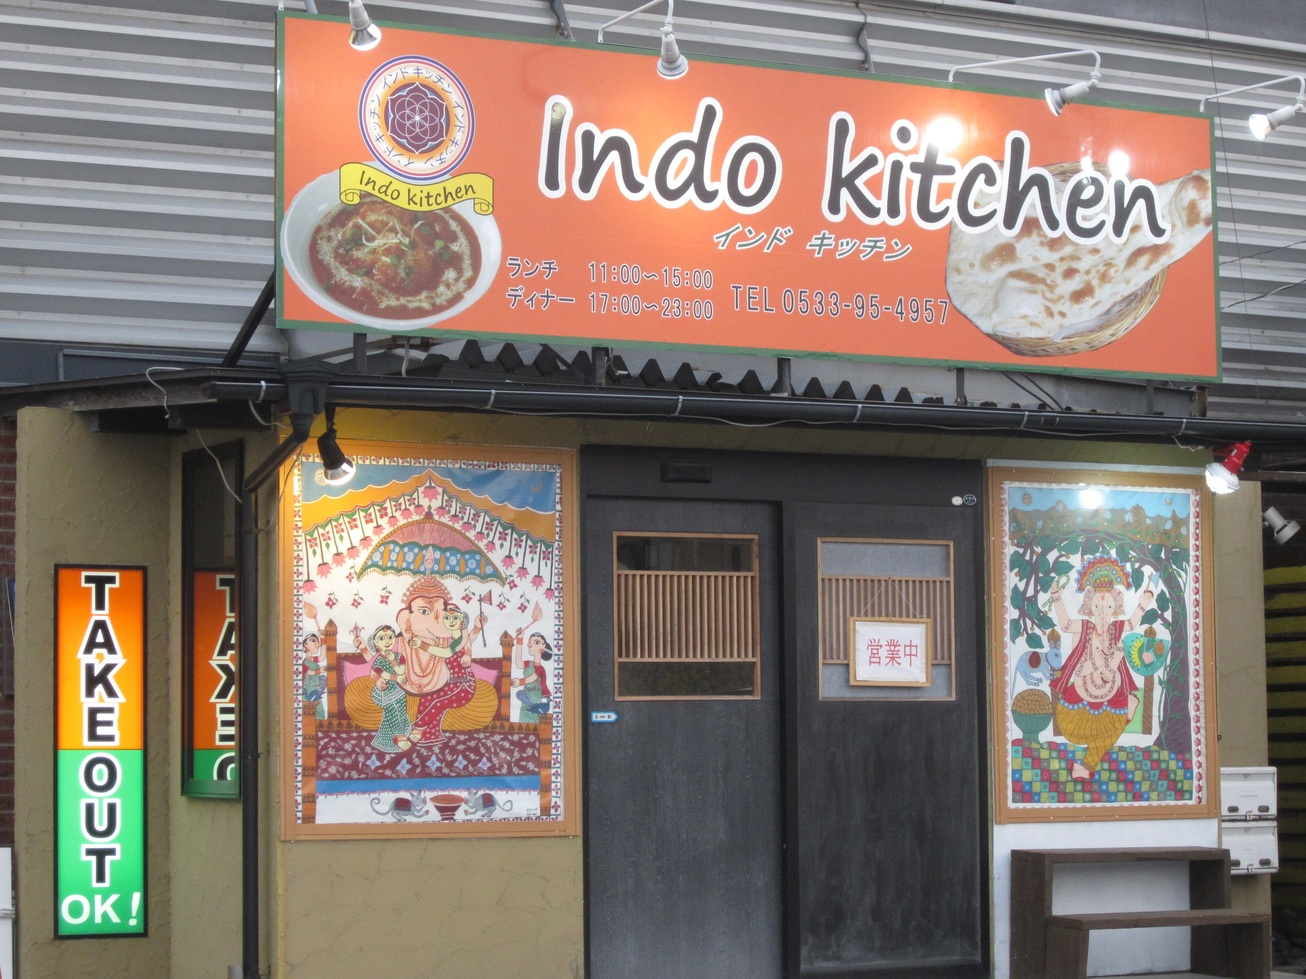 インドキッチン